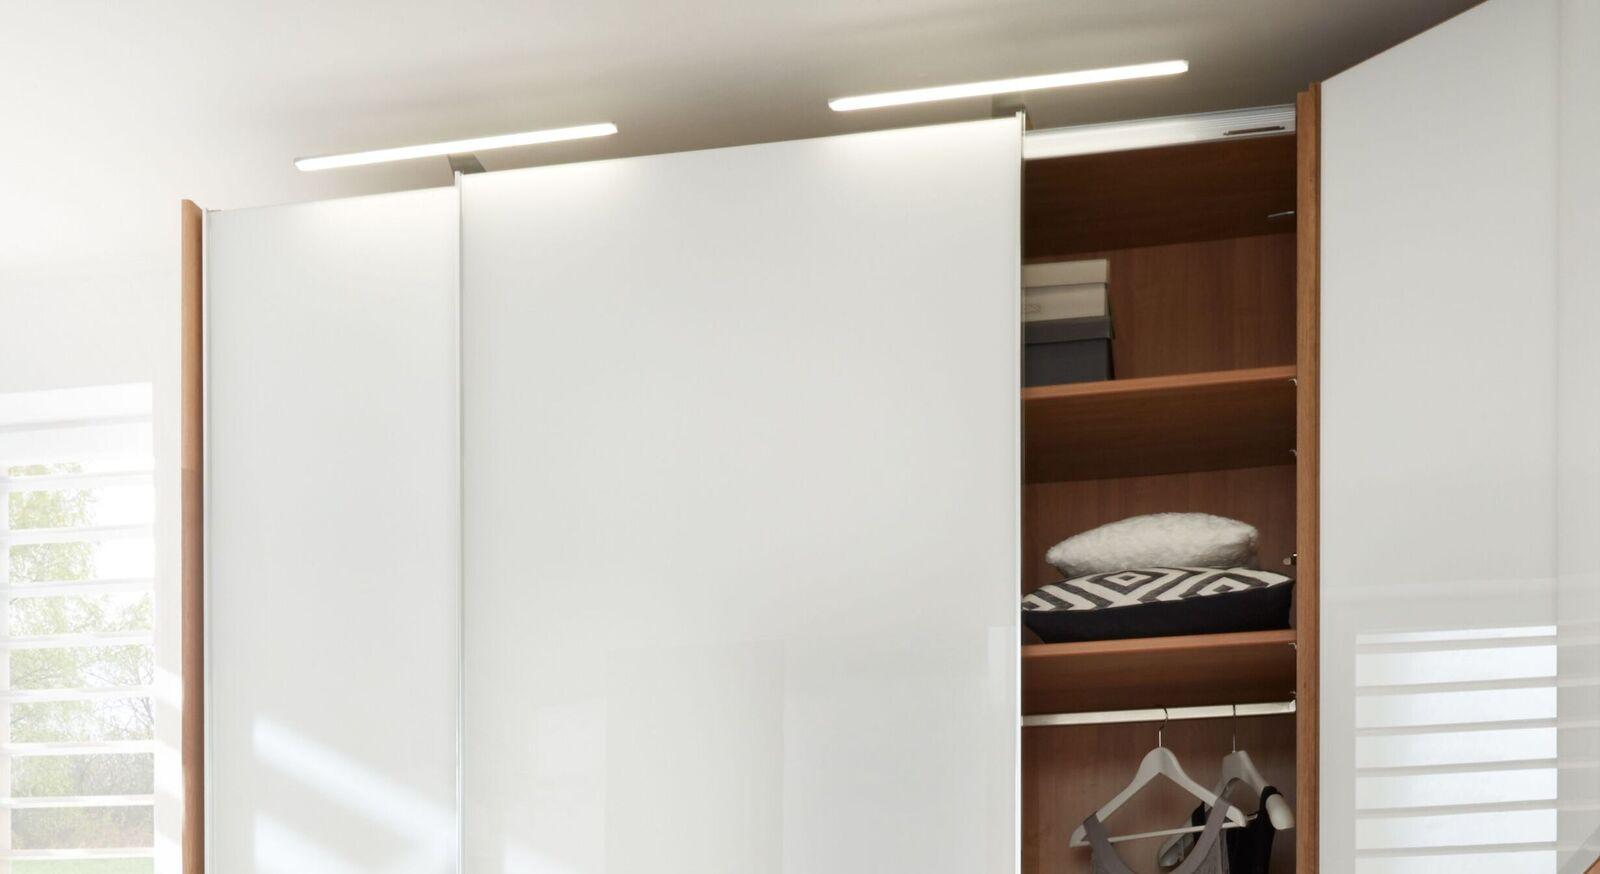 INTERLIVING Eck-Kleiderschrank 1202 mit praktischen Einlegeböden